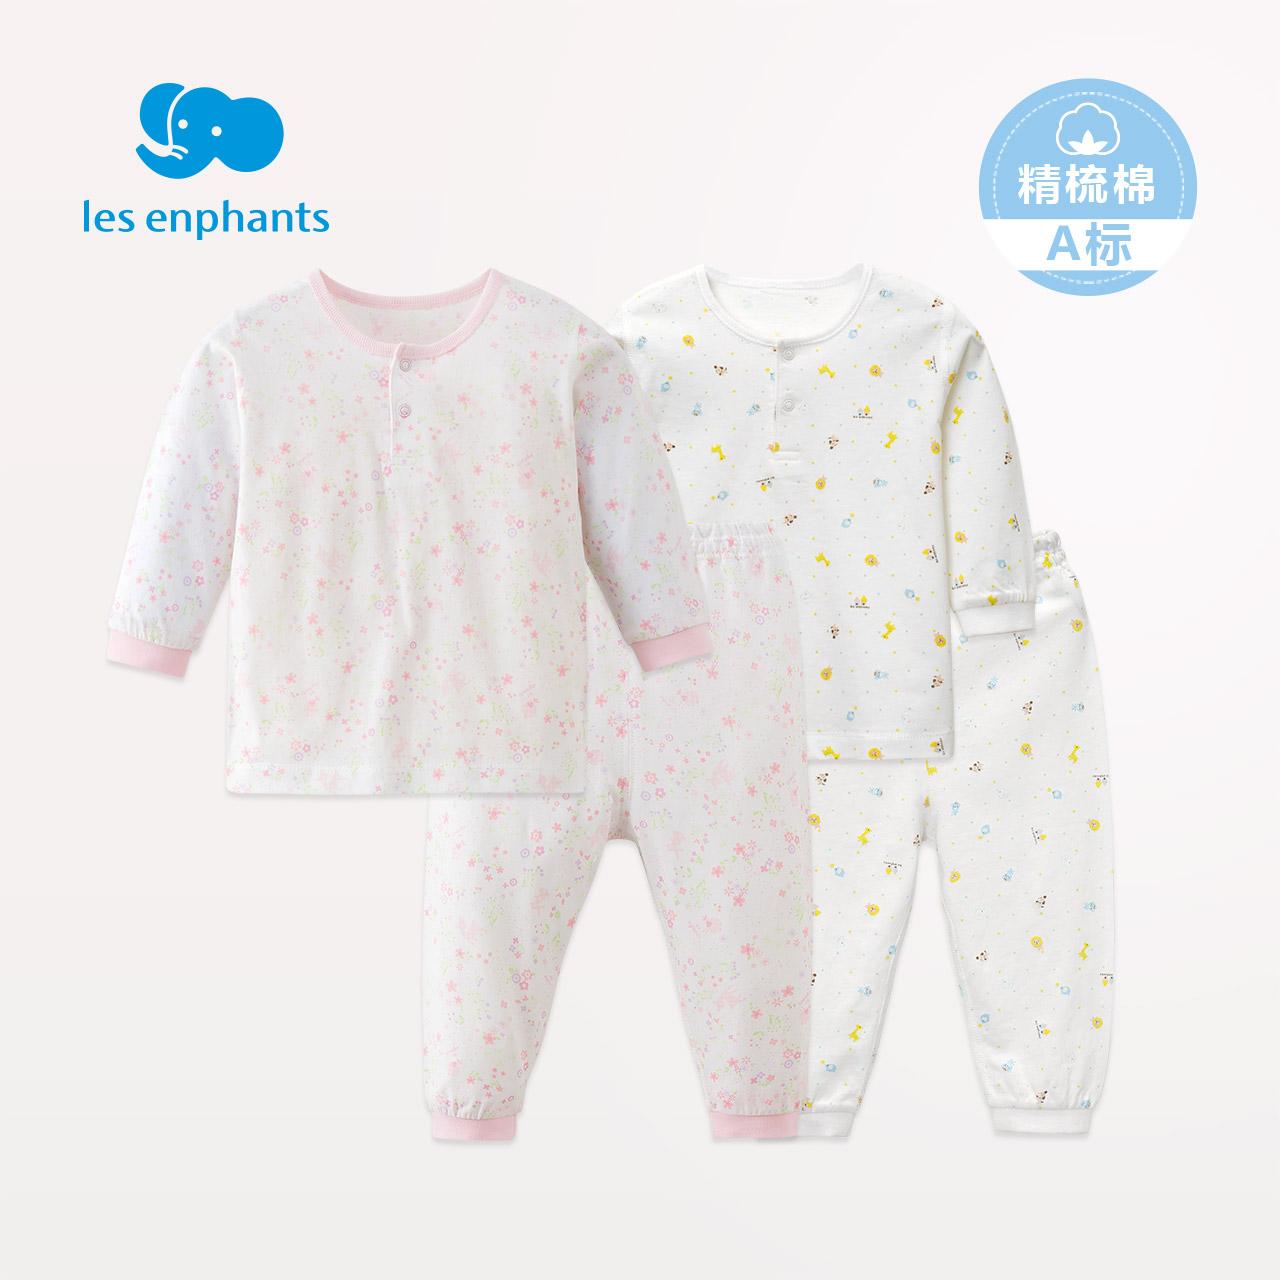 丽婴房婴儿衣服纯棉春秋儿童内衣套装夏季薄款宝宝空调服长袖睡衣